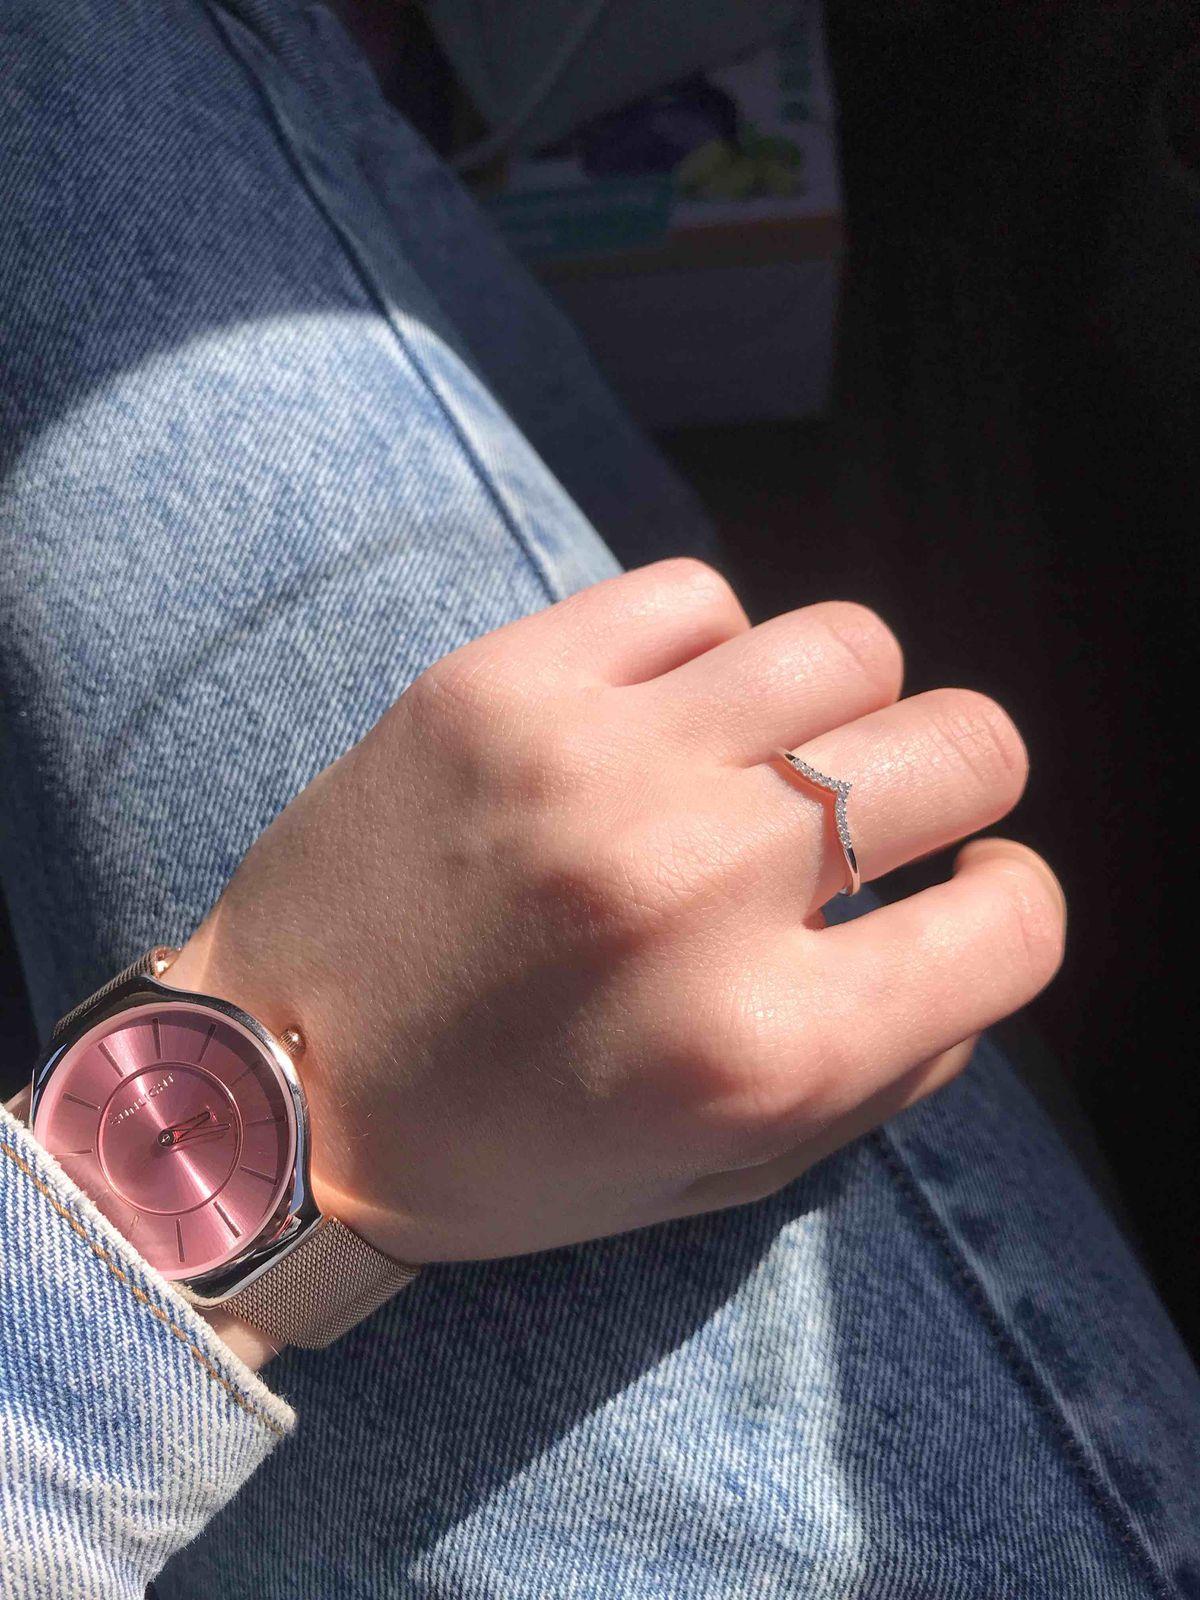 Кольцо себе покупала